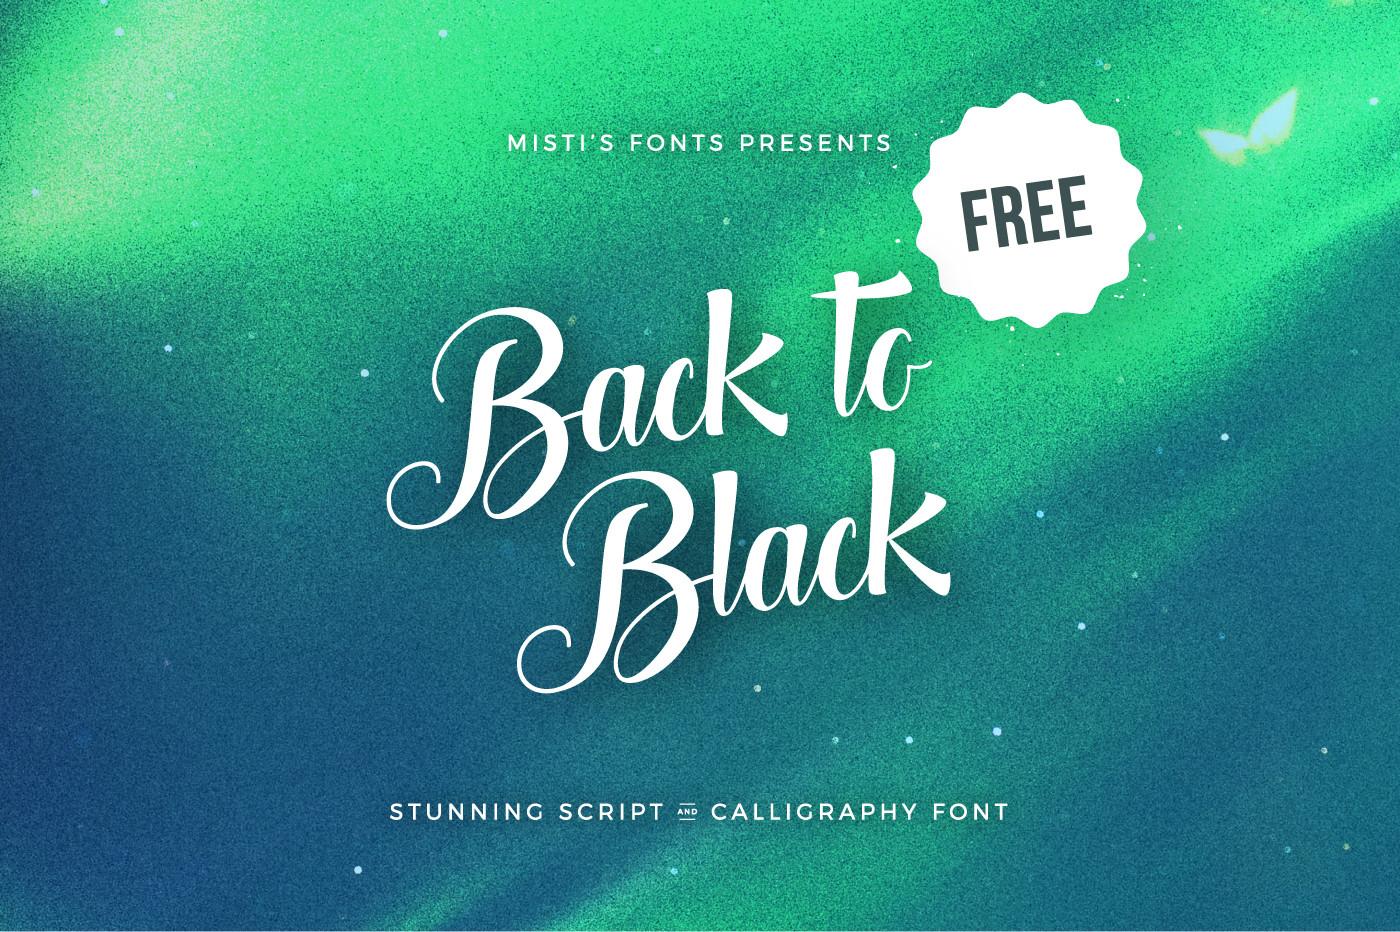 back-to-black-font